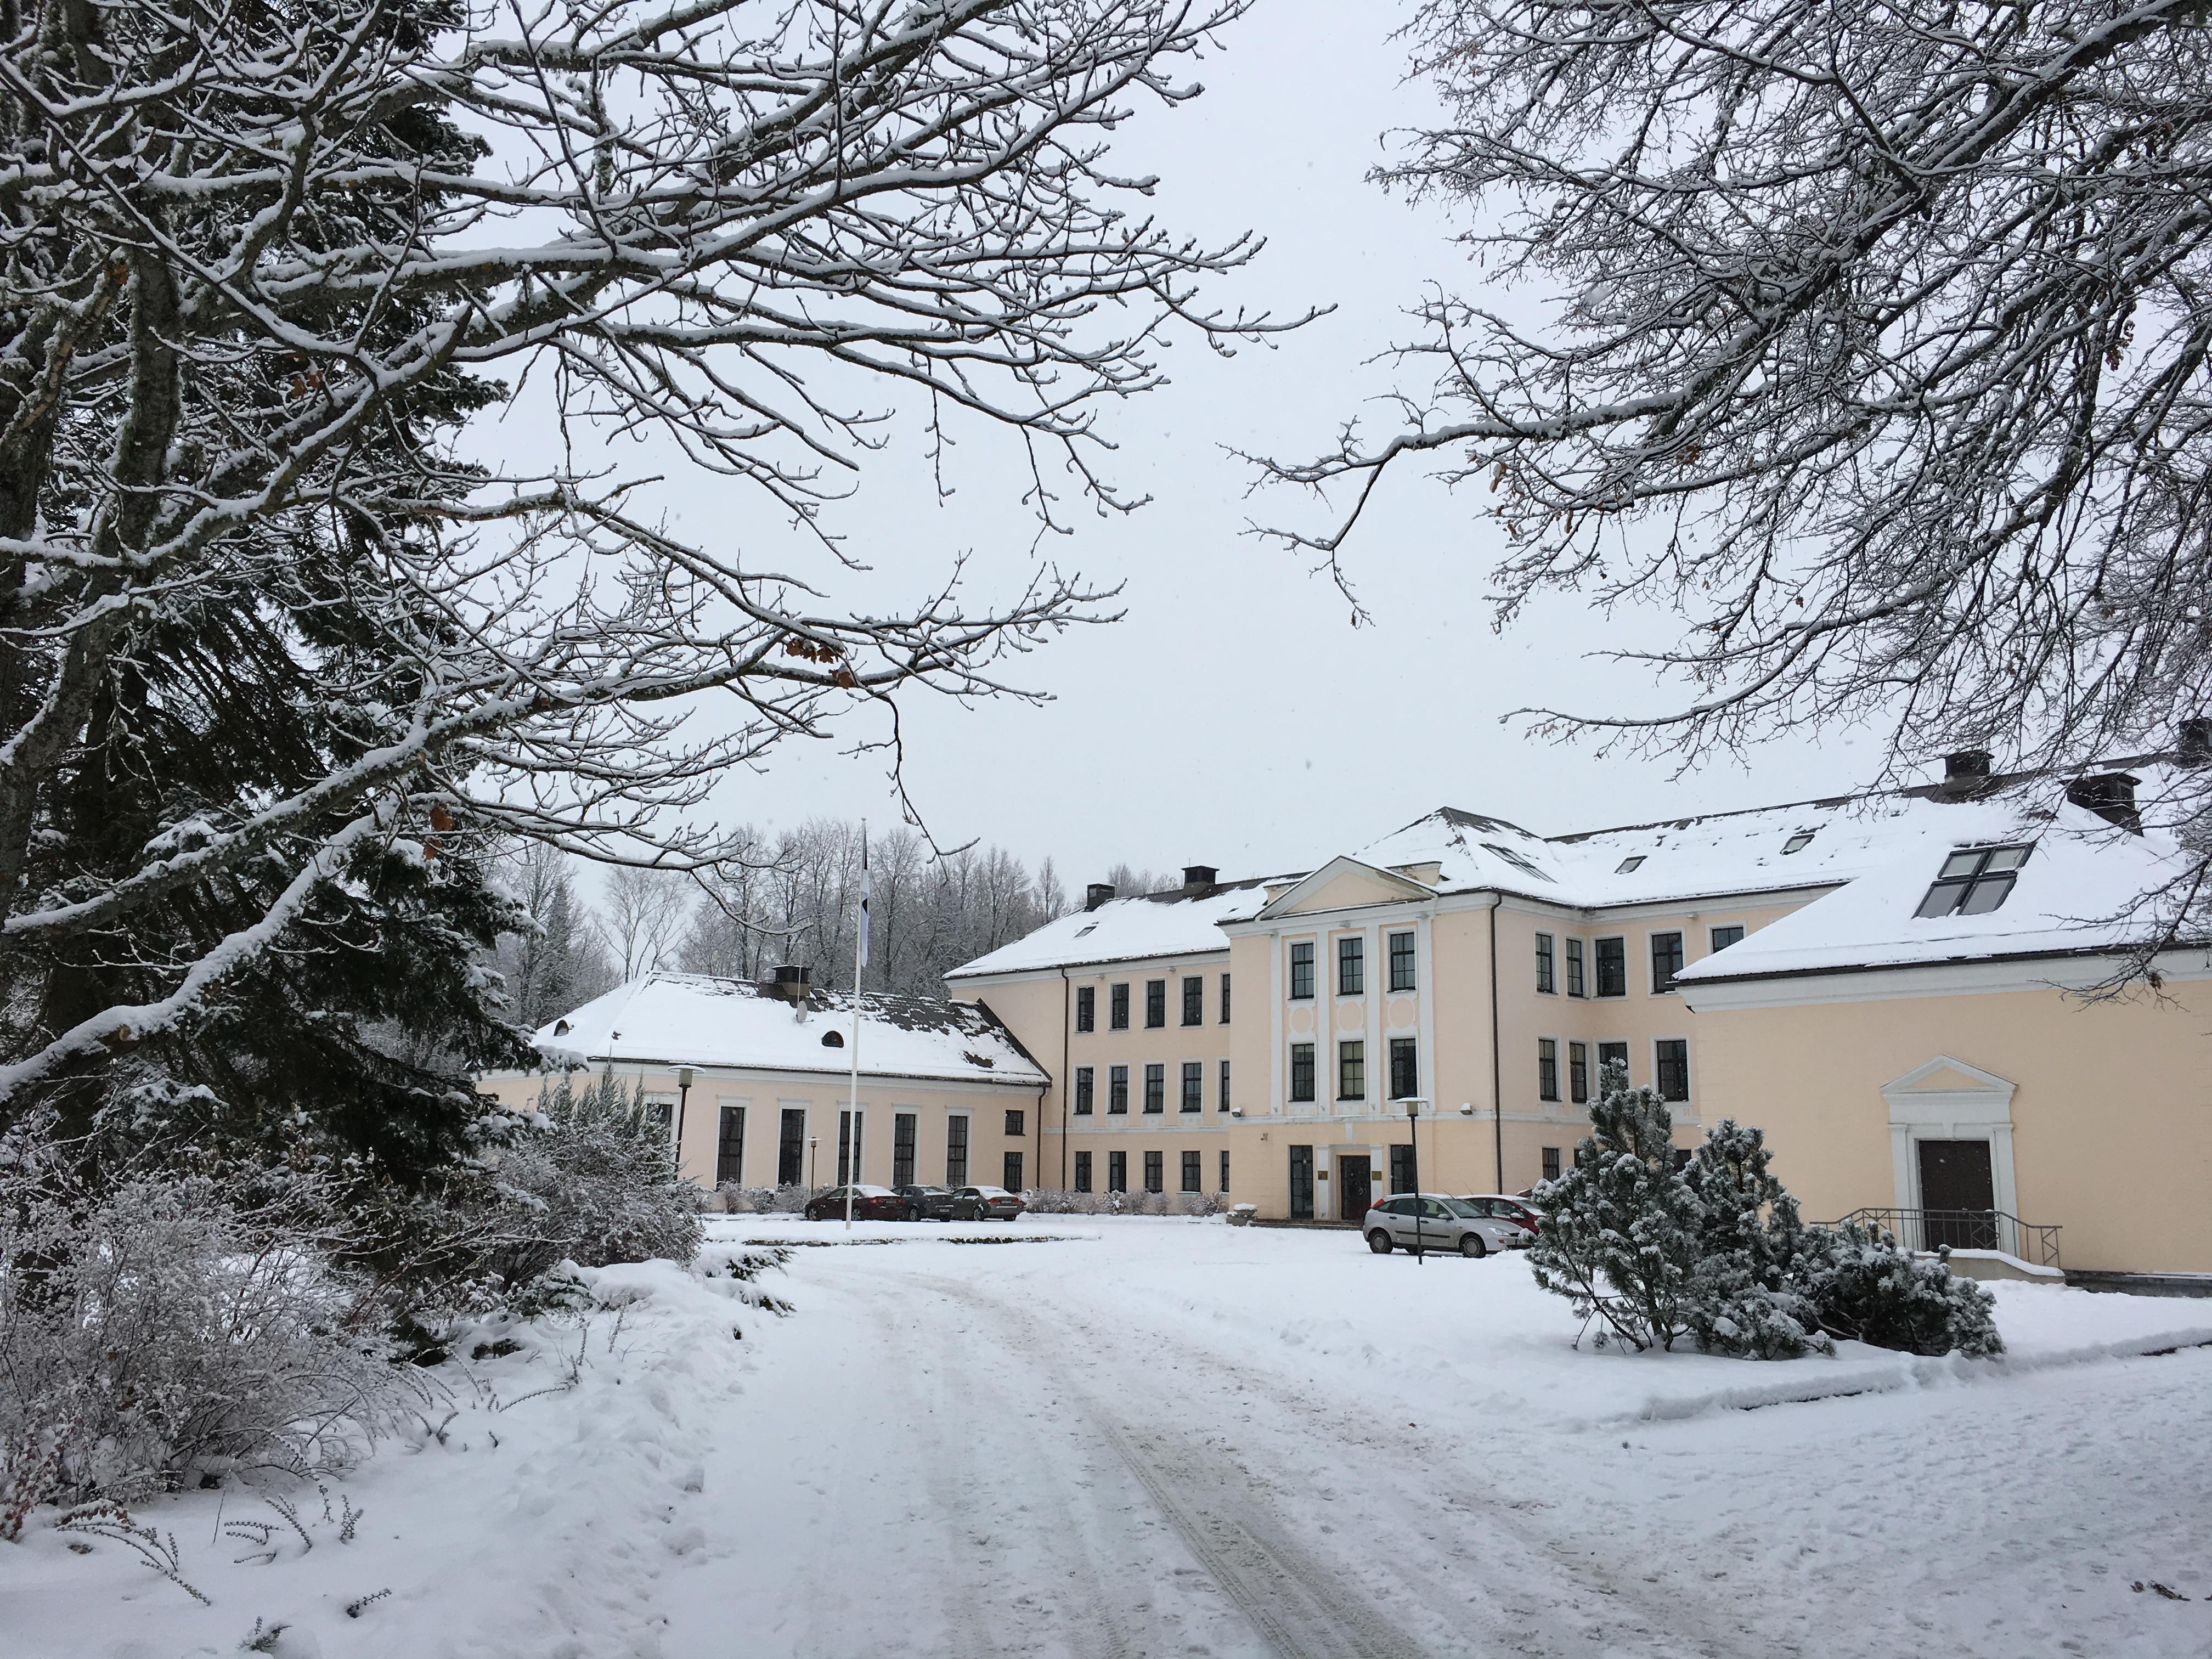 Vaade lumisele koolimajale läbi okste